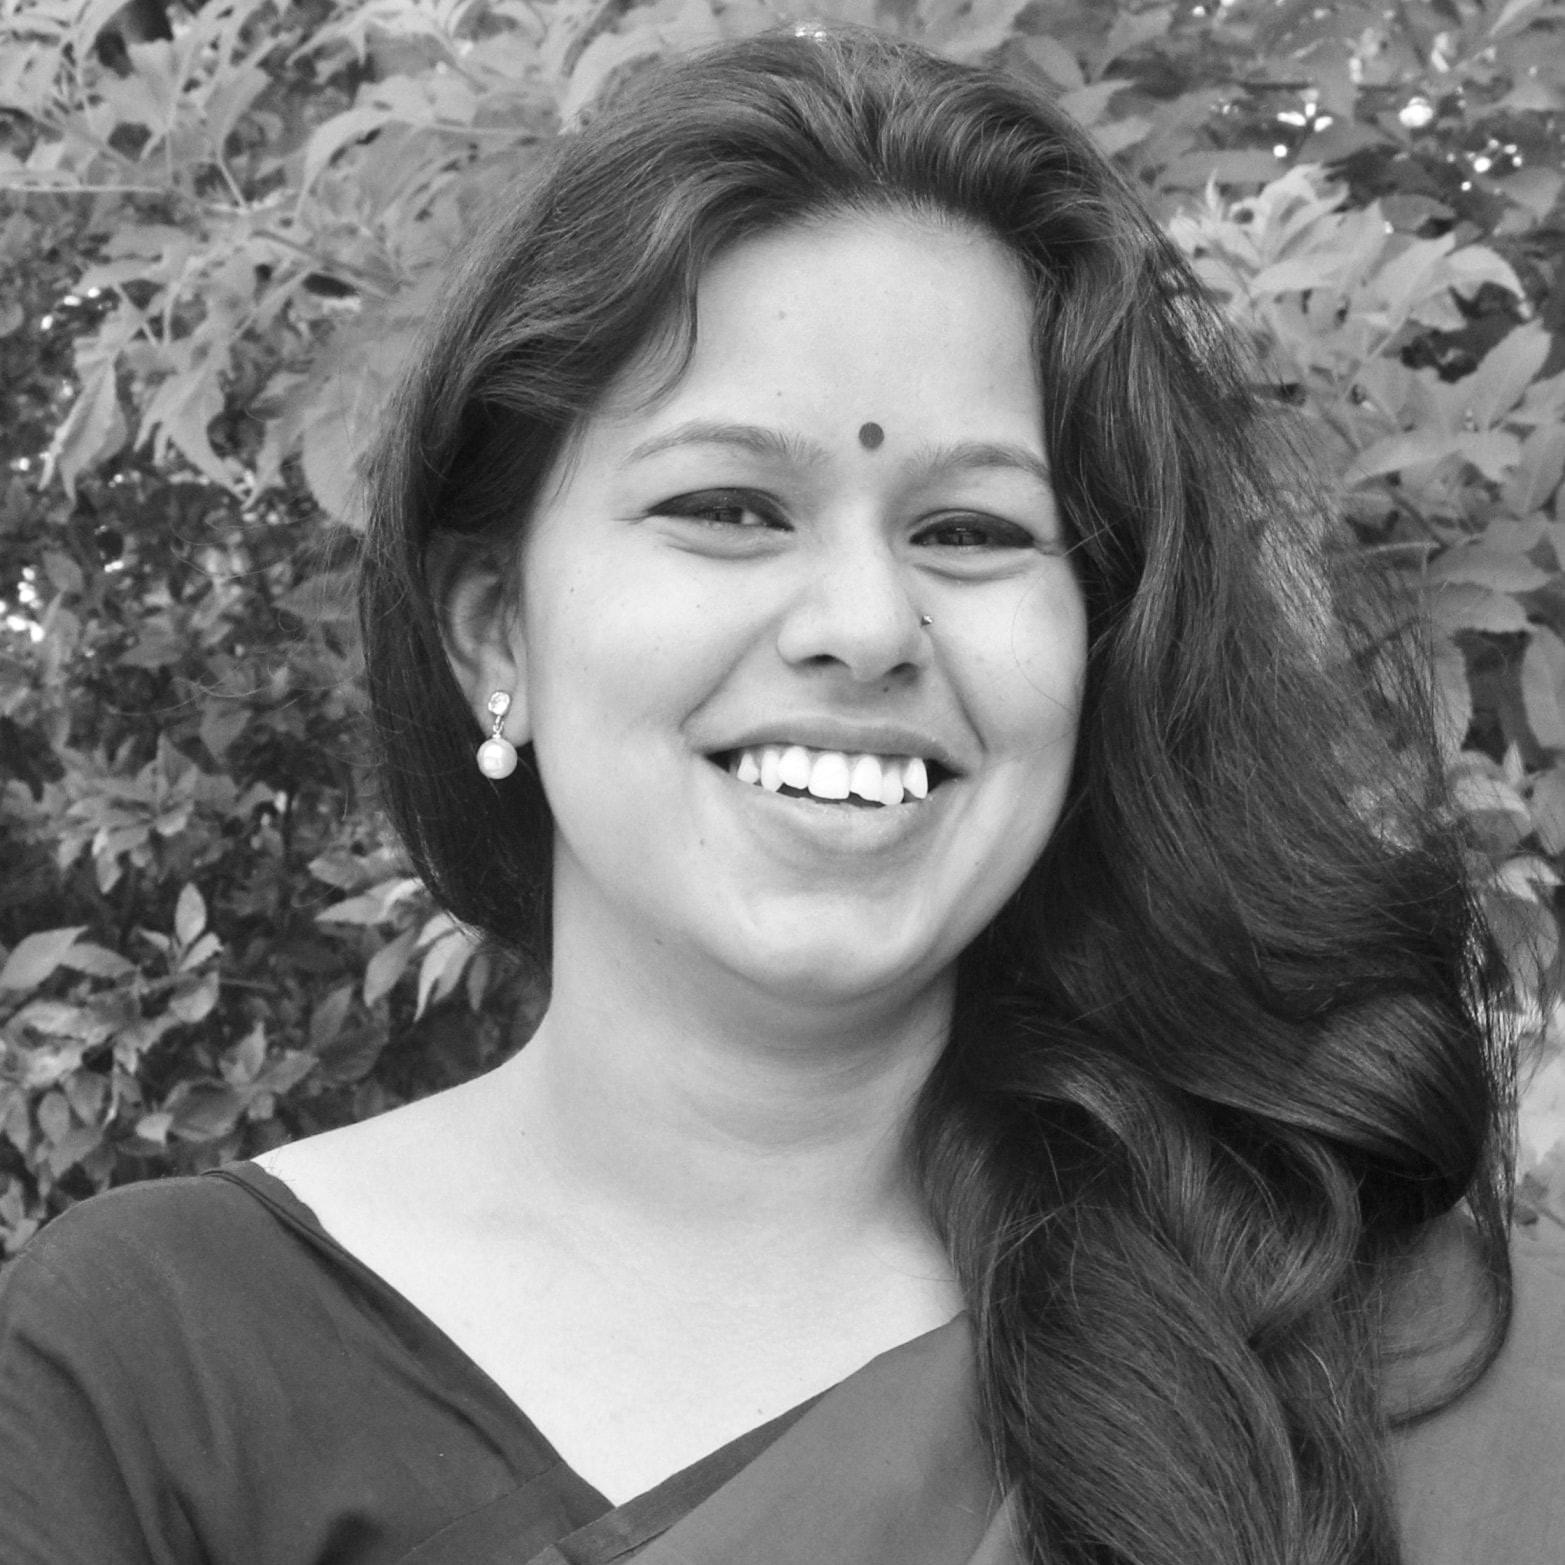 Nalini Choubey